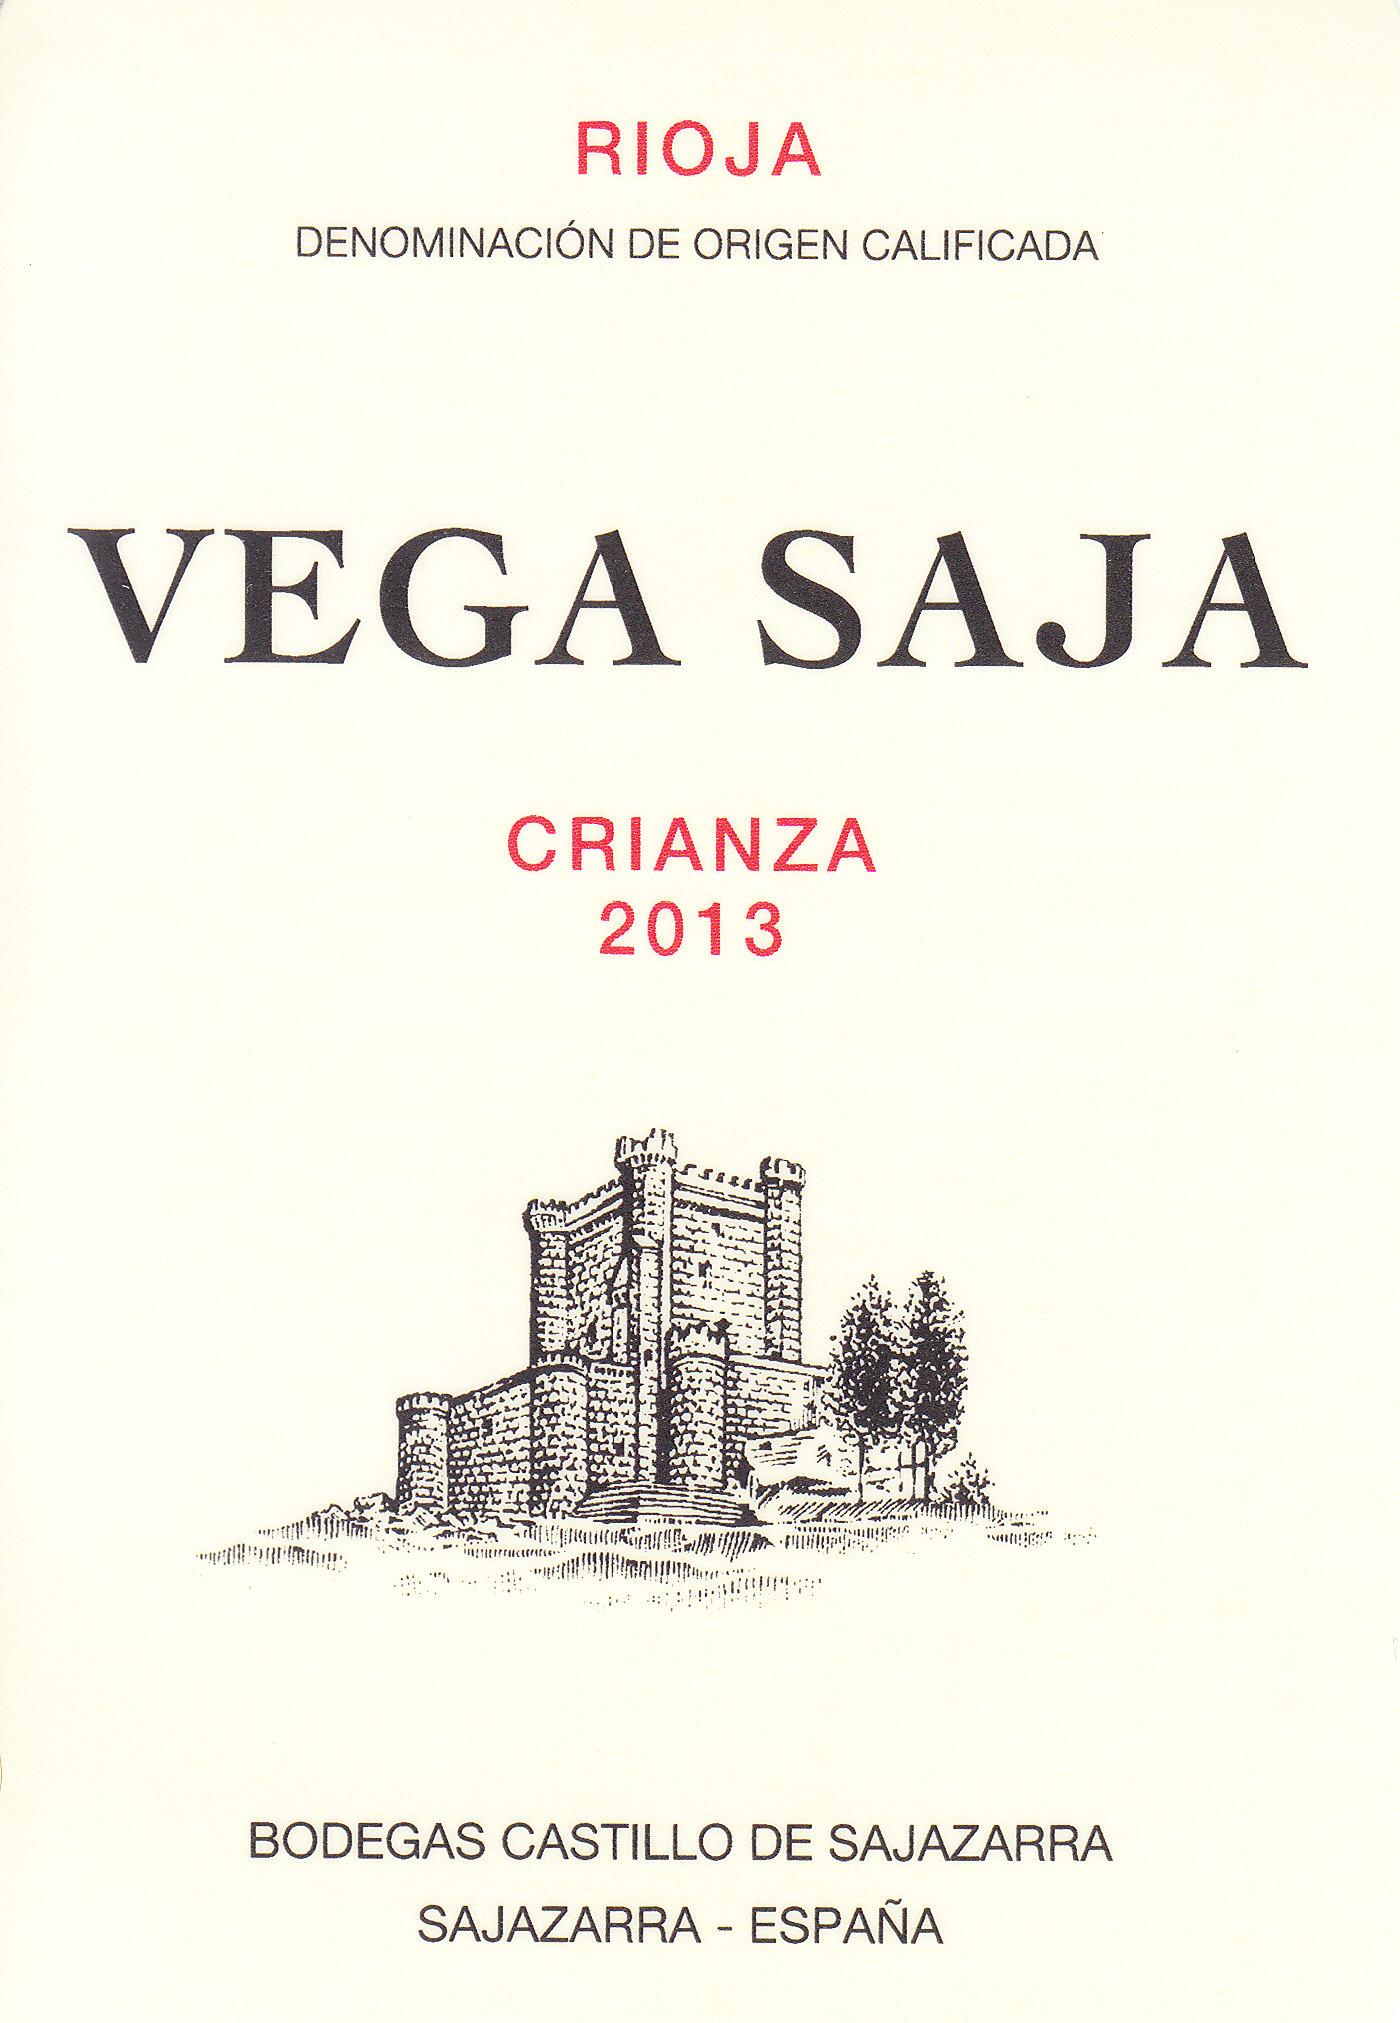 Vega Saja